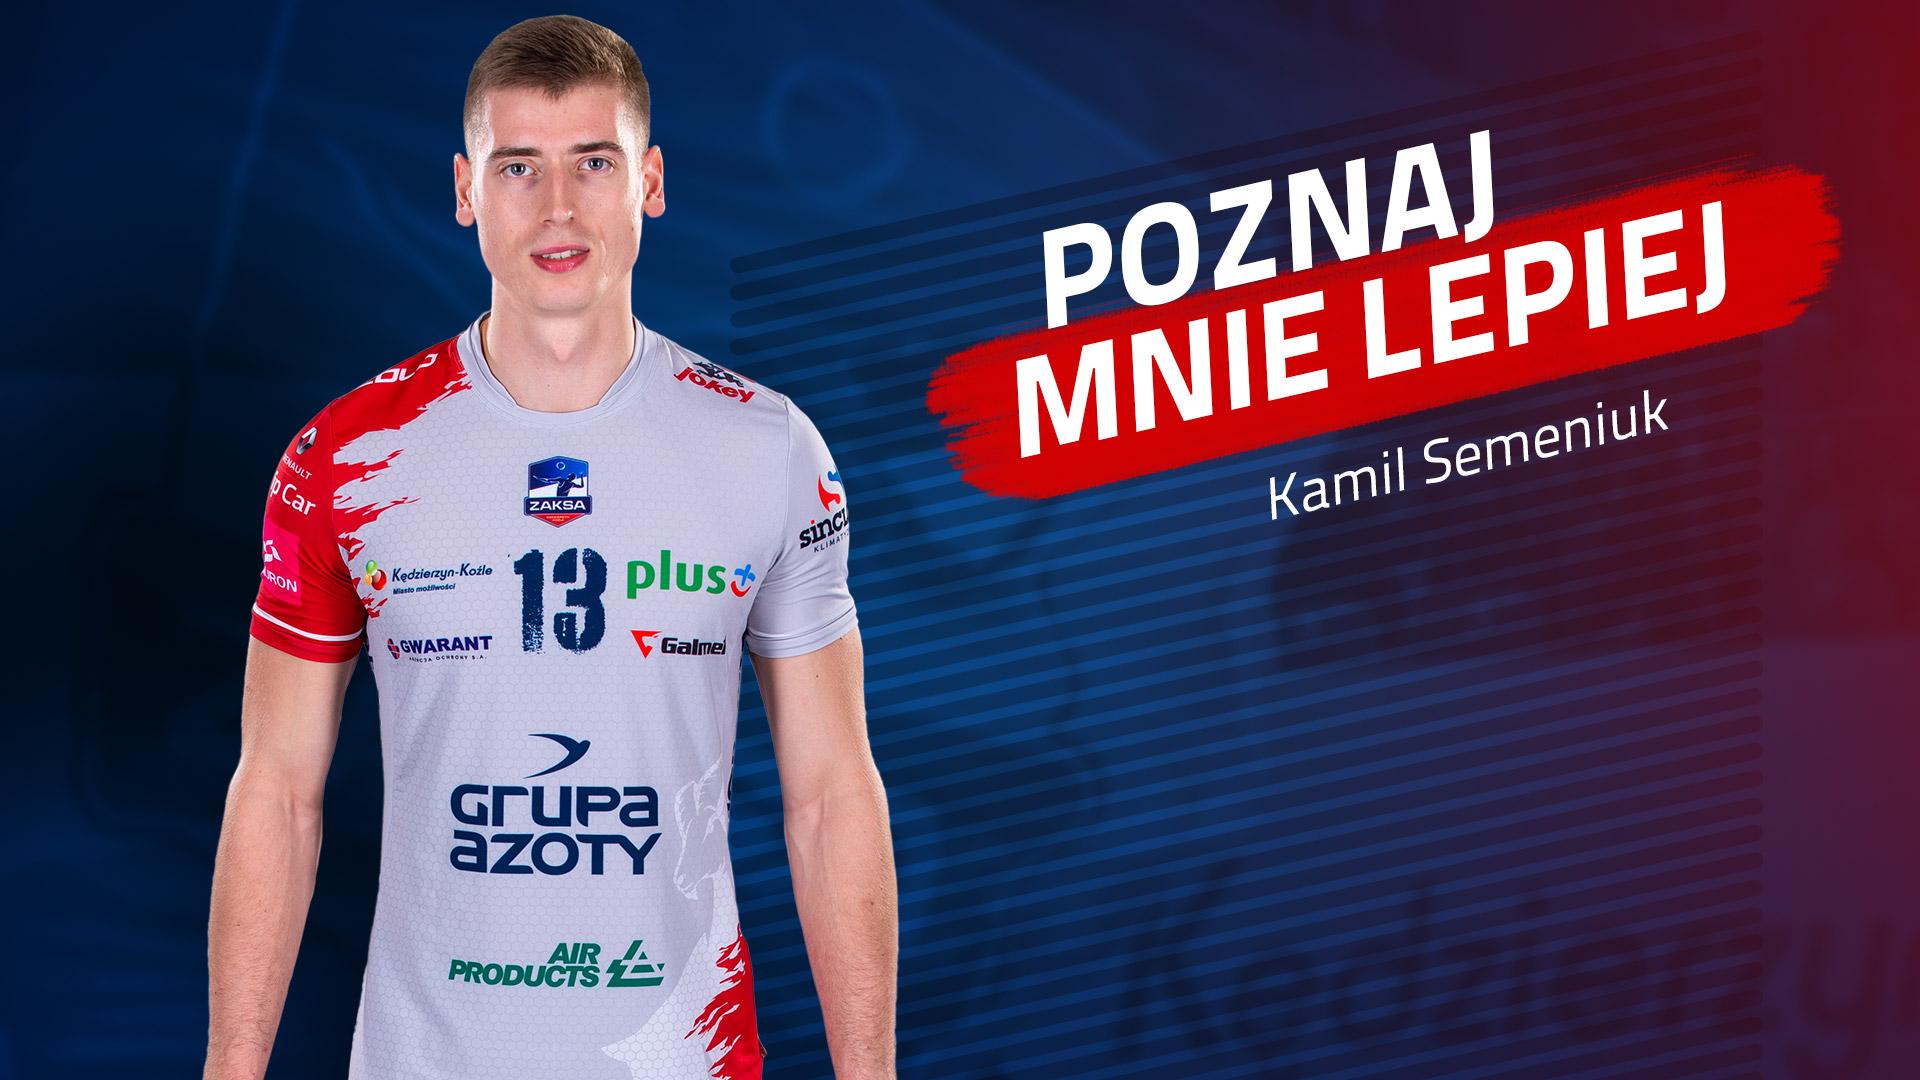 Poznaj mnie lepiej: Kamil Semeniuk